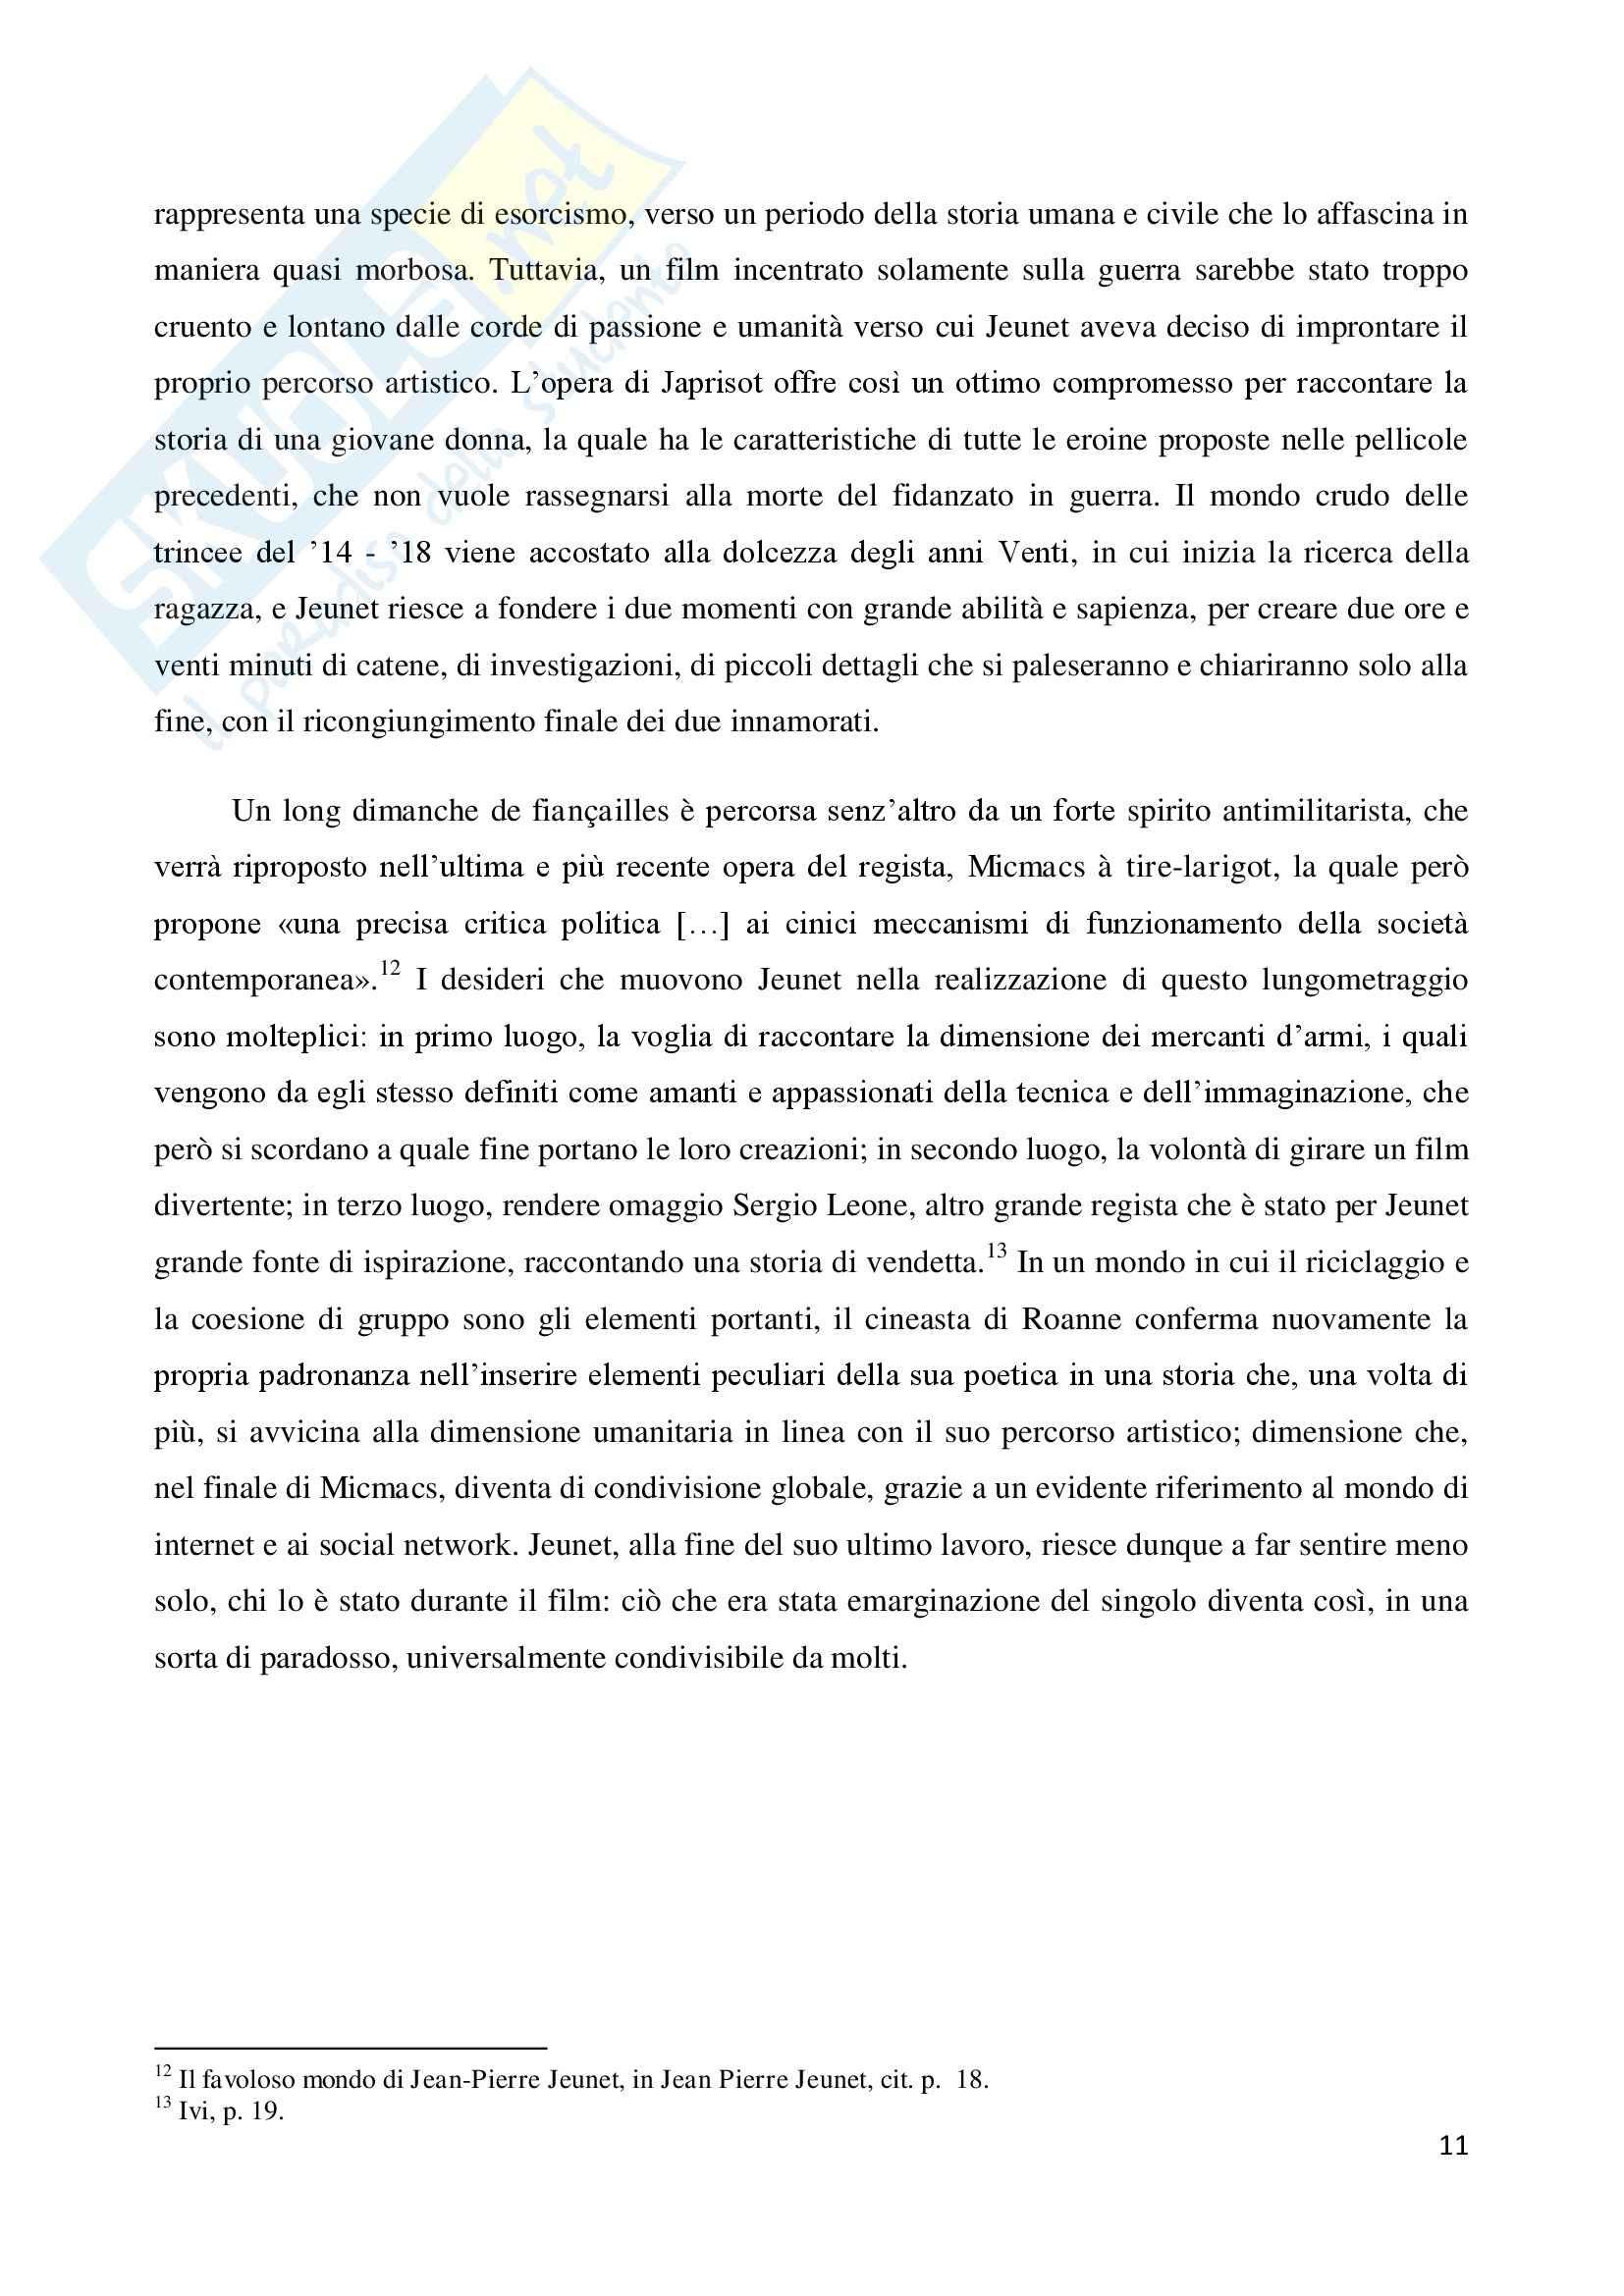 La marginalità delle esistenze nel cinema di Jean Pierre Jeunet, tesi Pag. 11